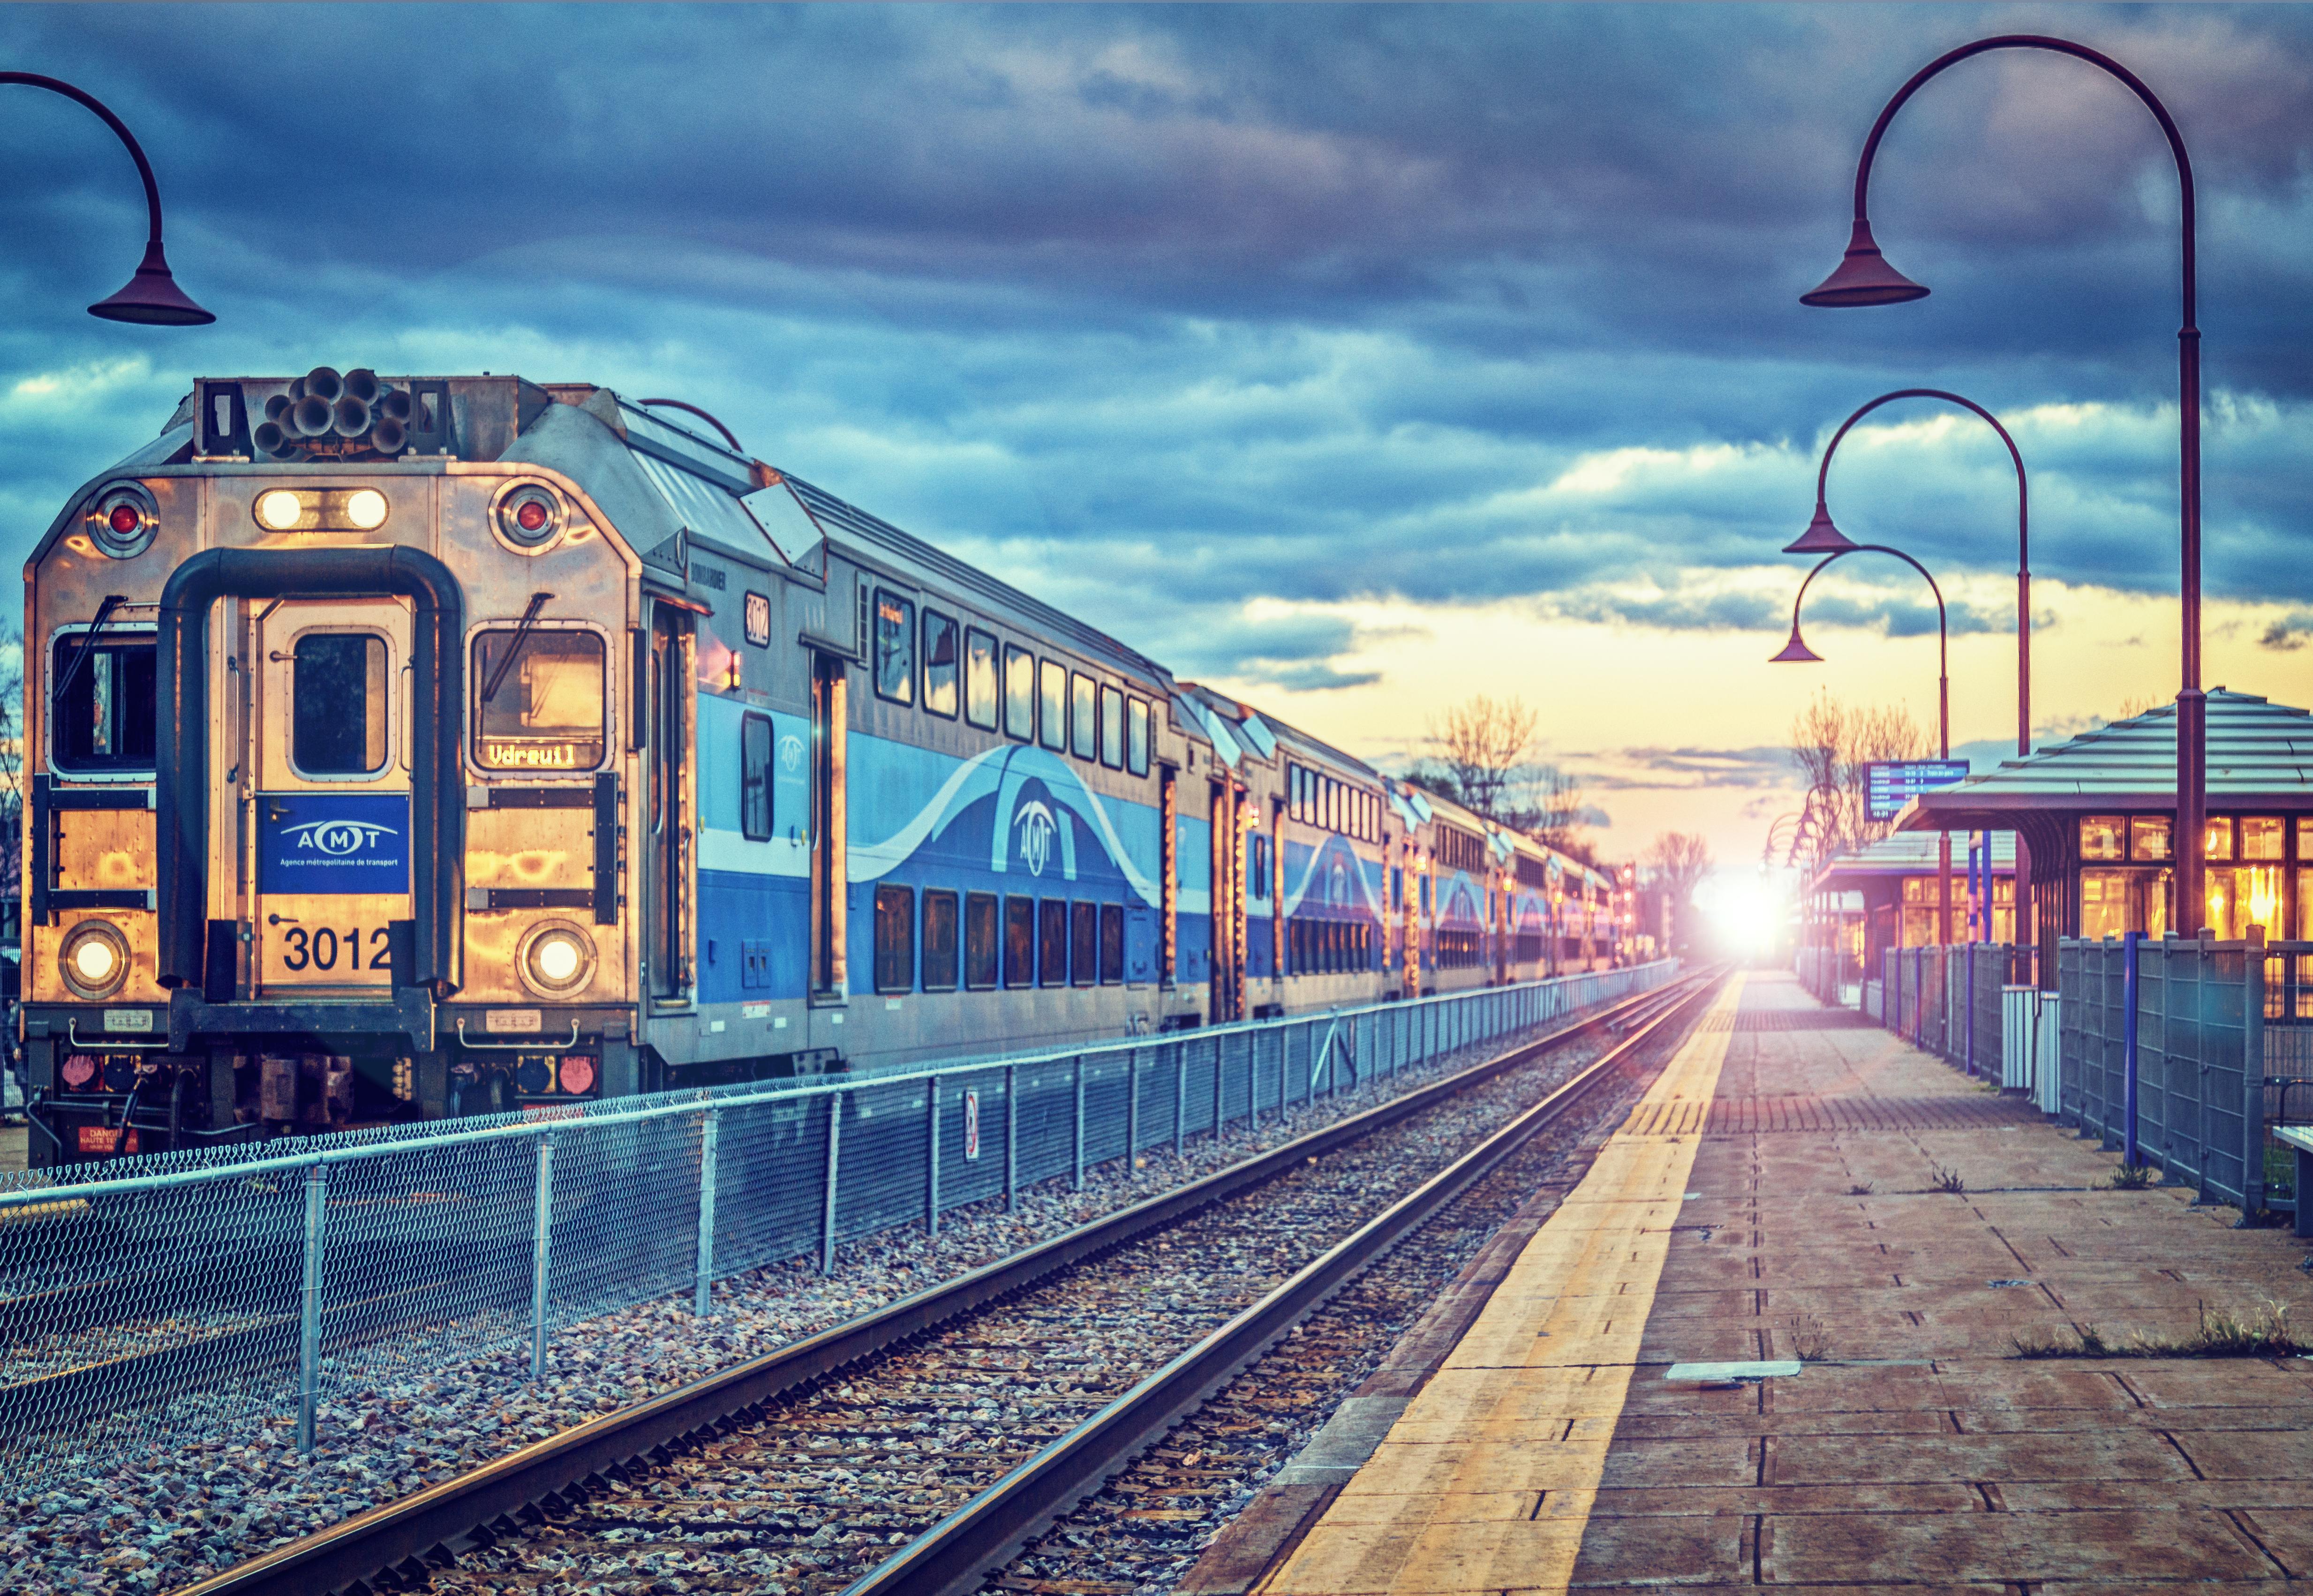 поезд на станции картинки меня этого